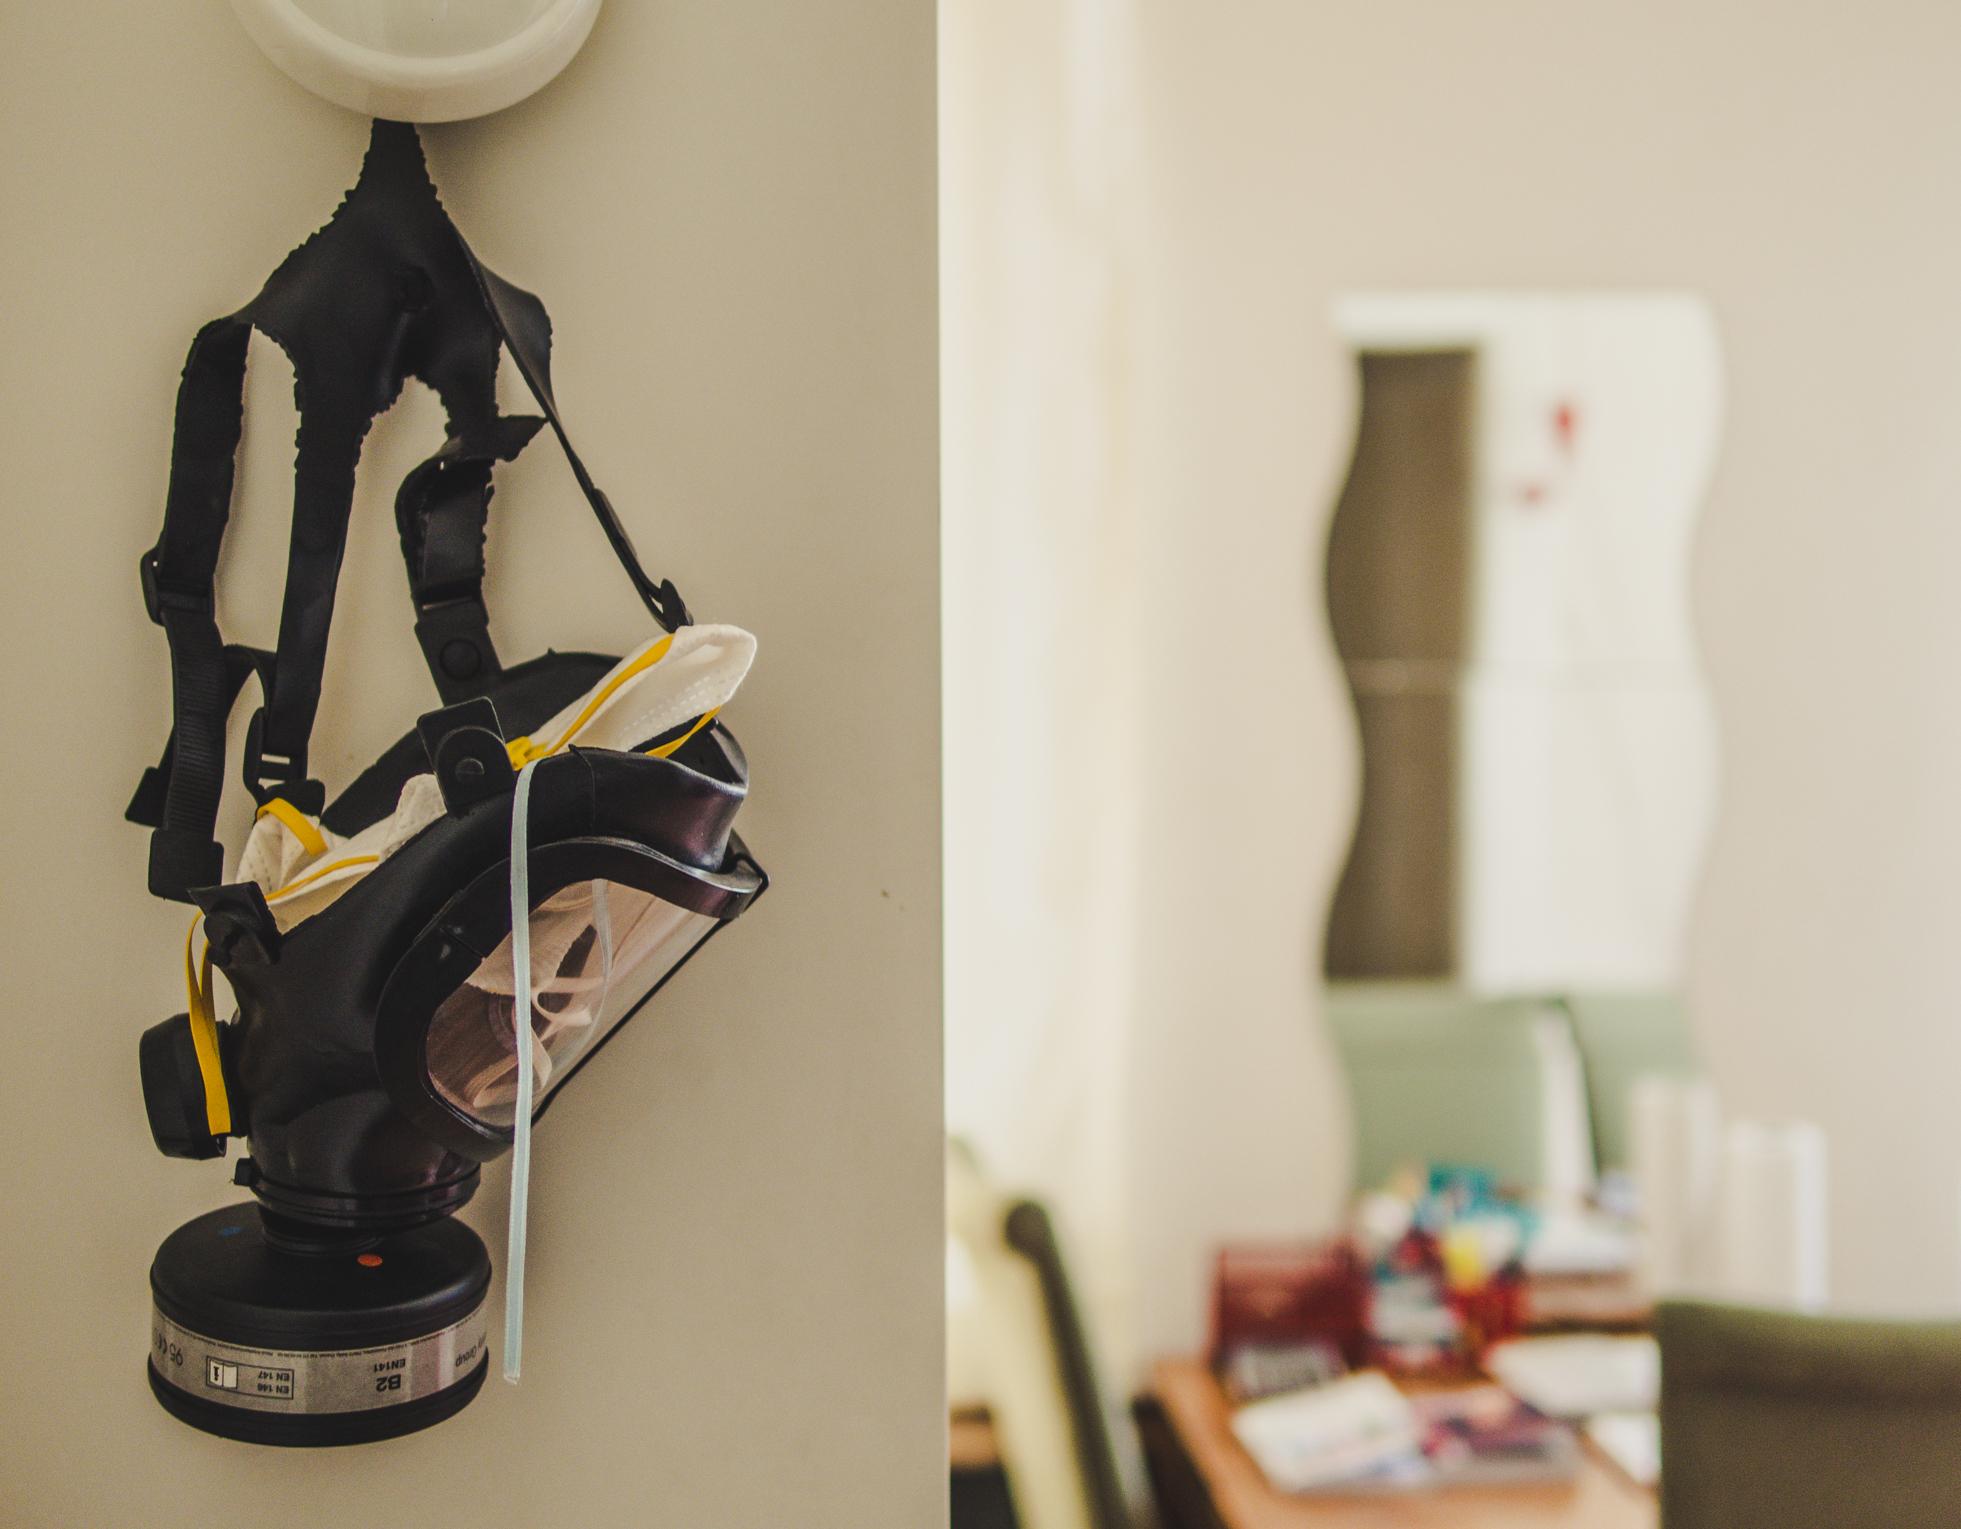 Erkennungsmerkmal der Generation Geiz: Die Gasmaske im Wohnzimmer.